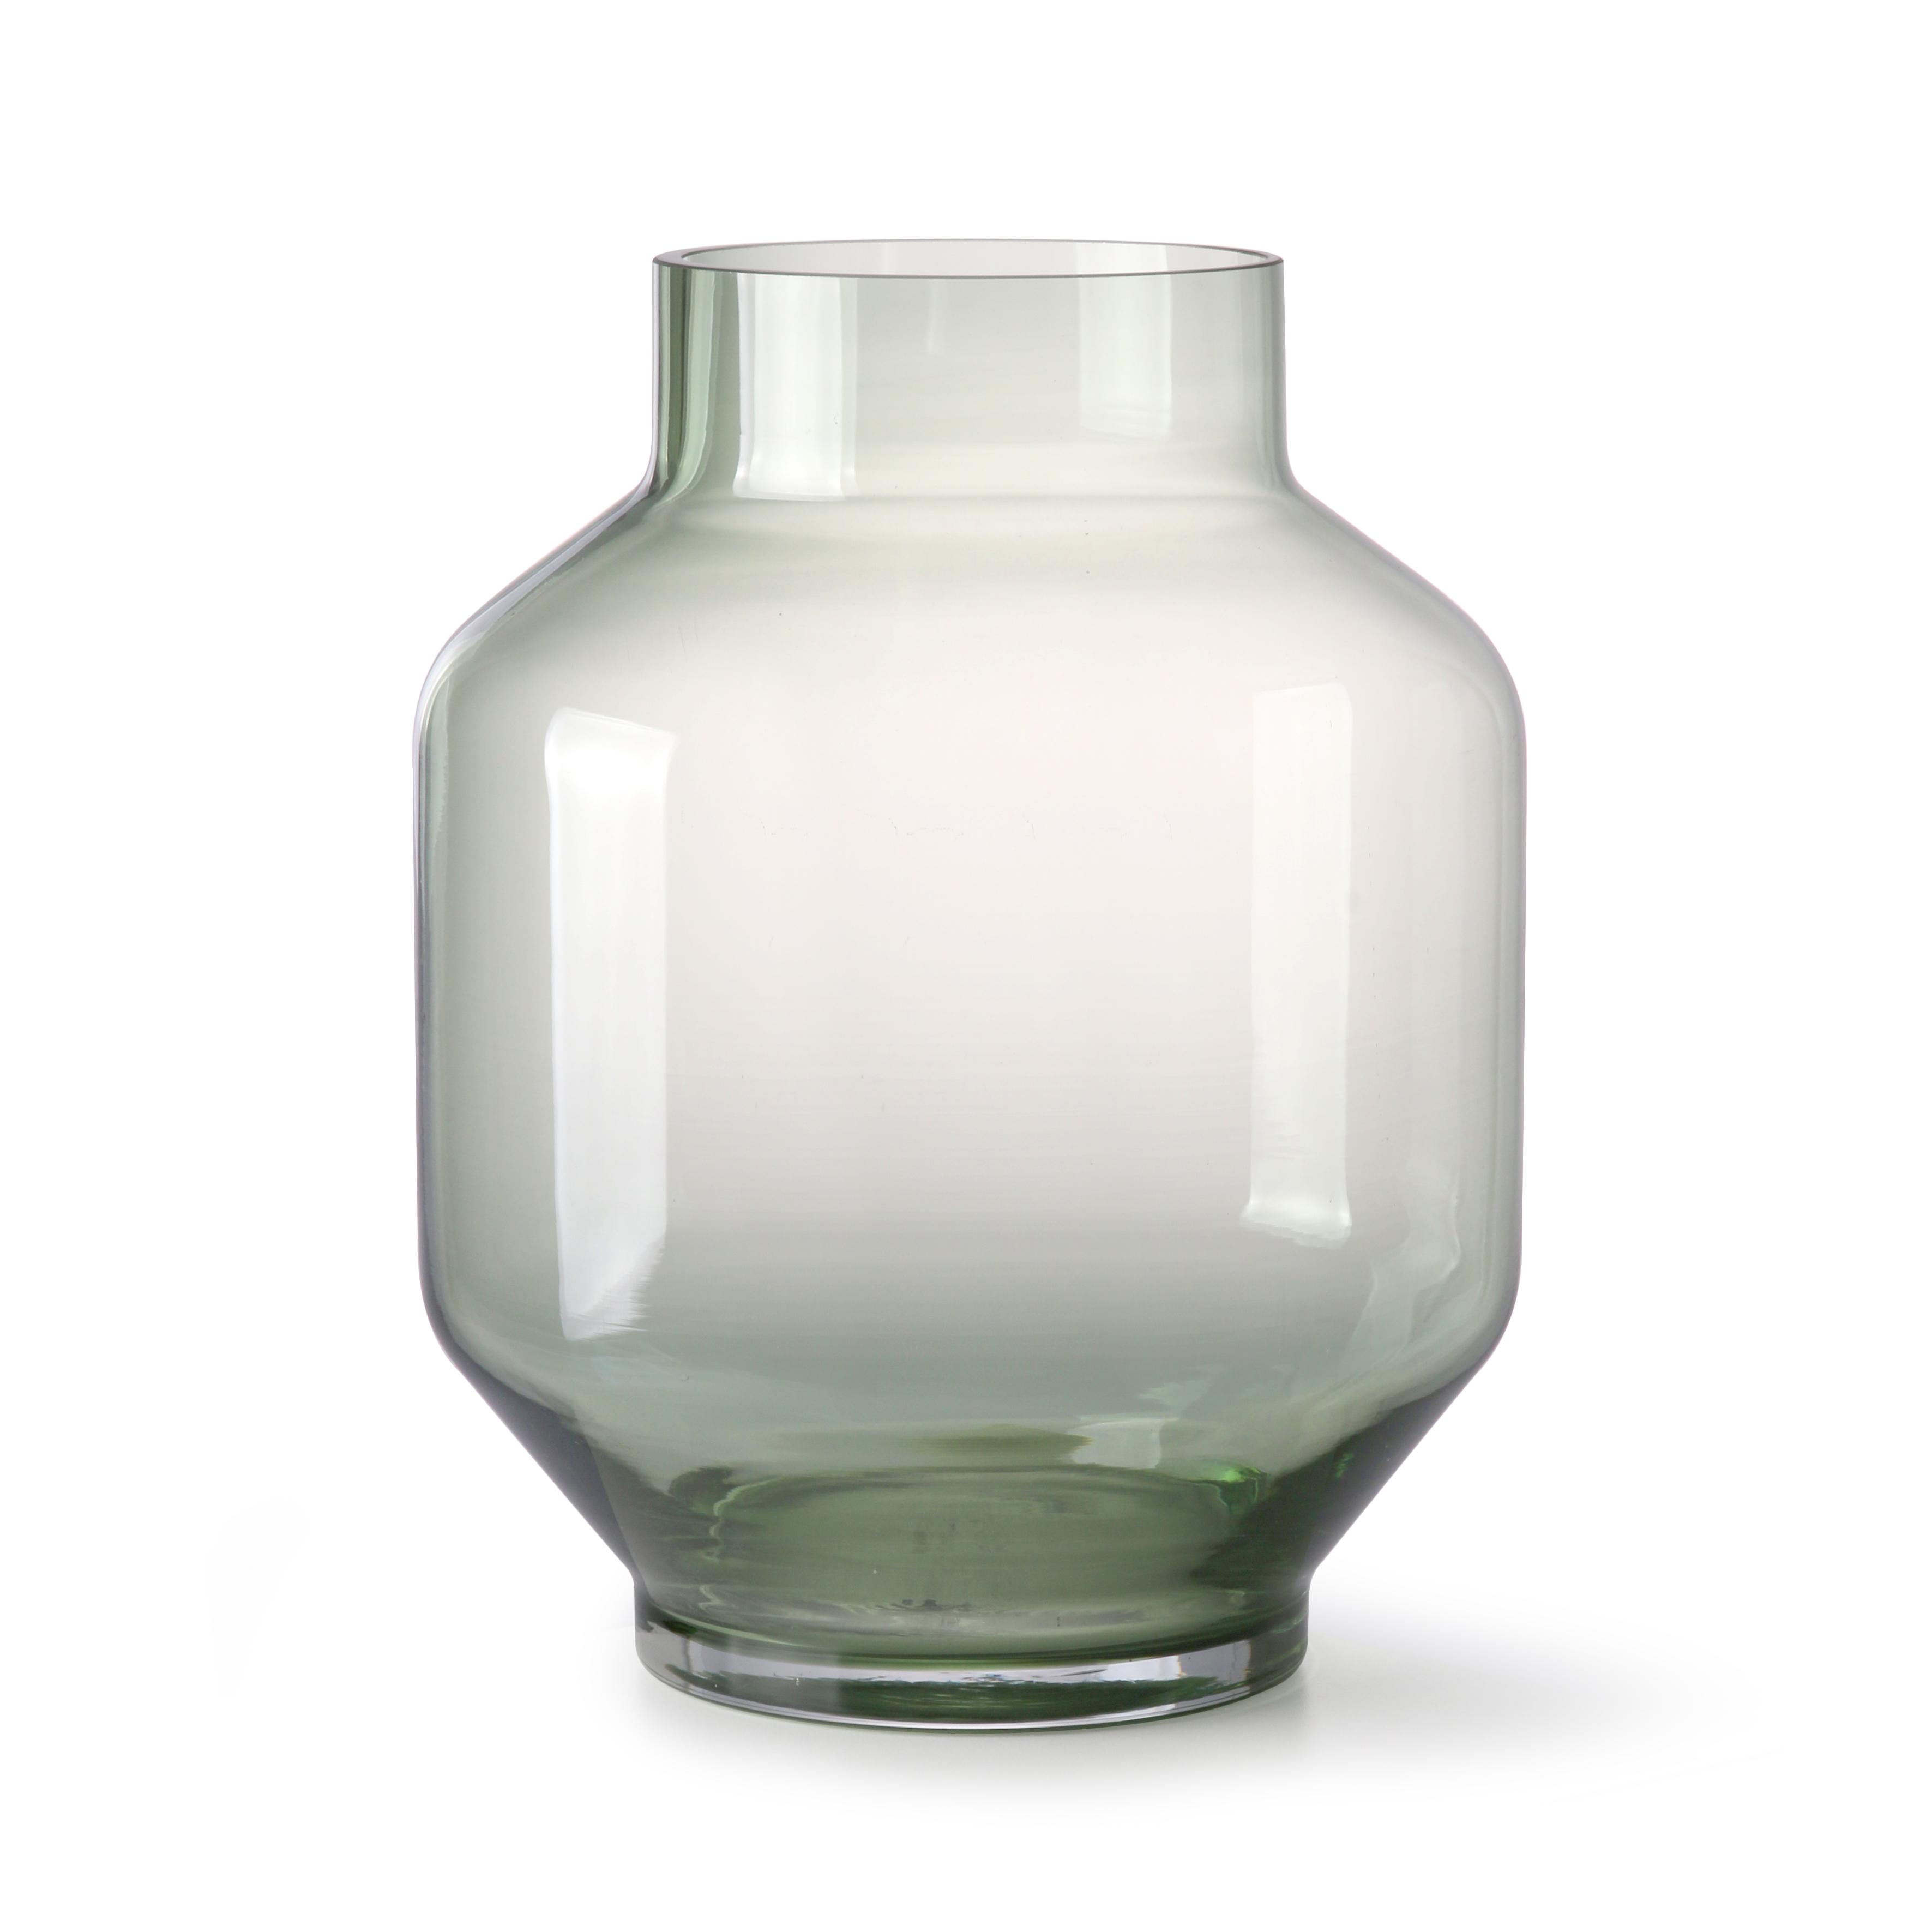 Green glass vase - round